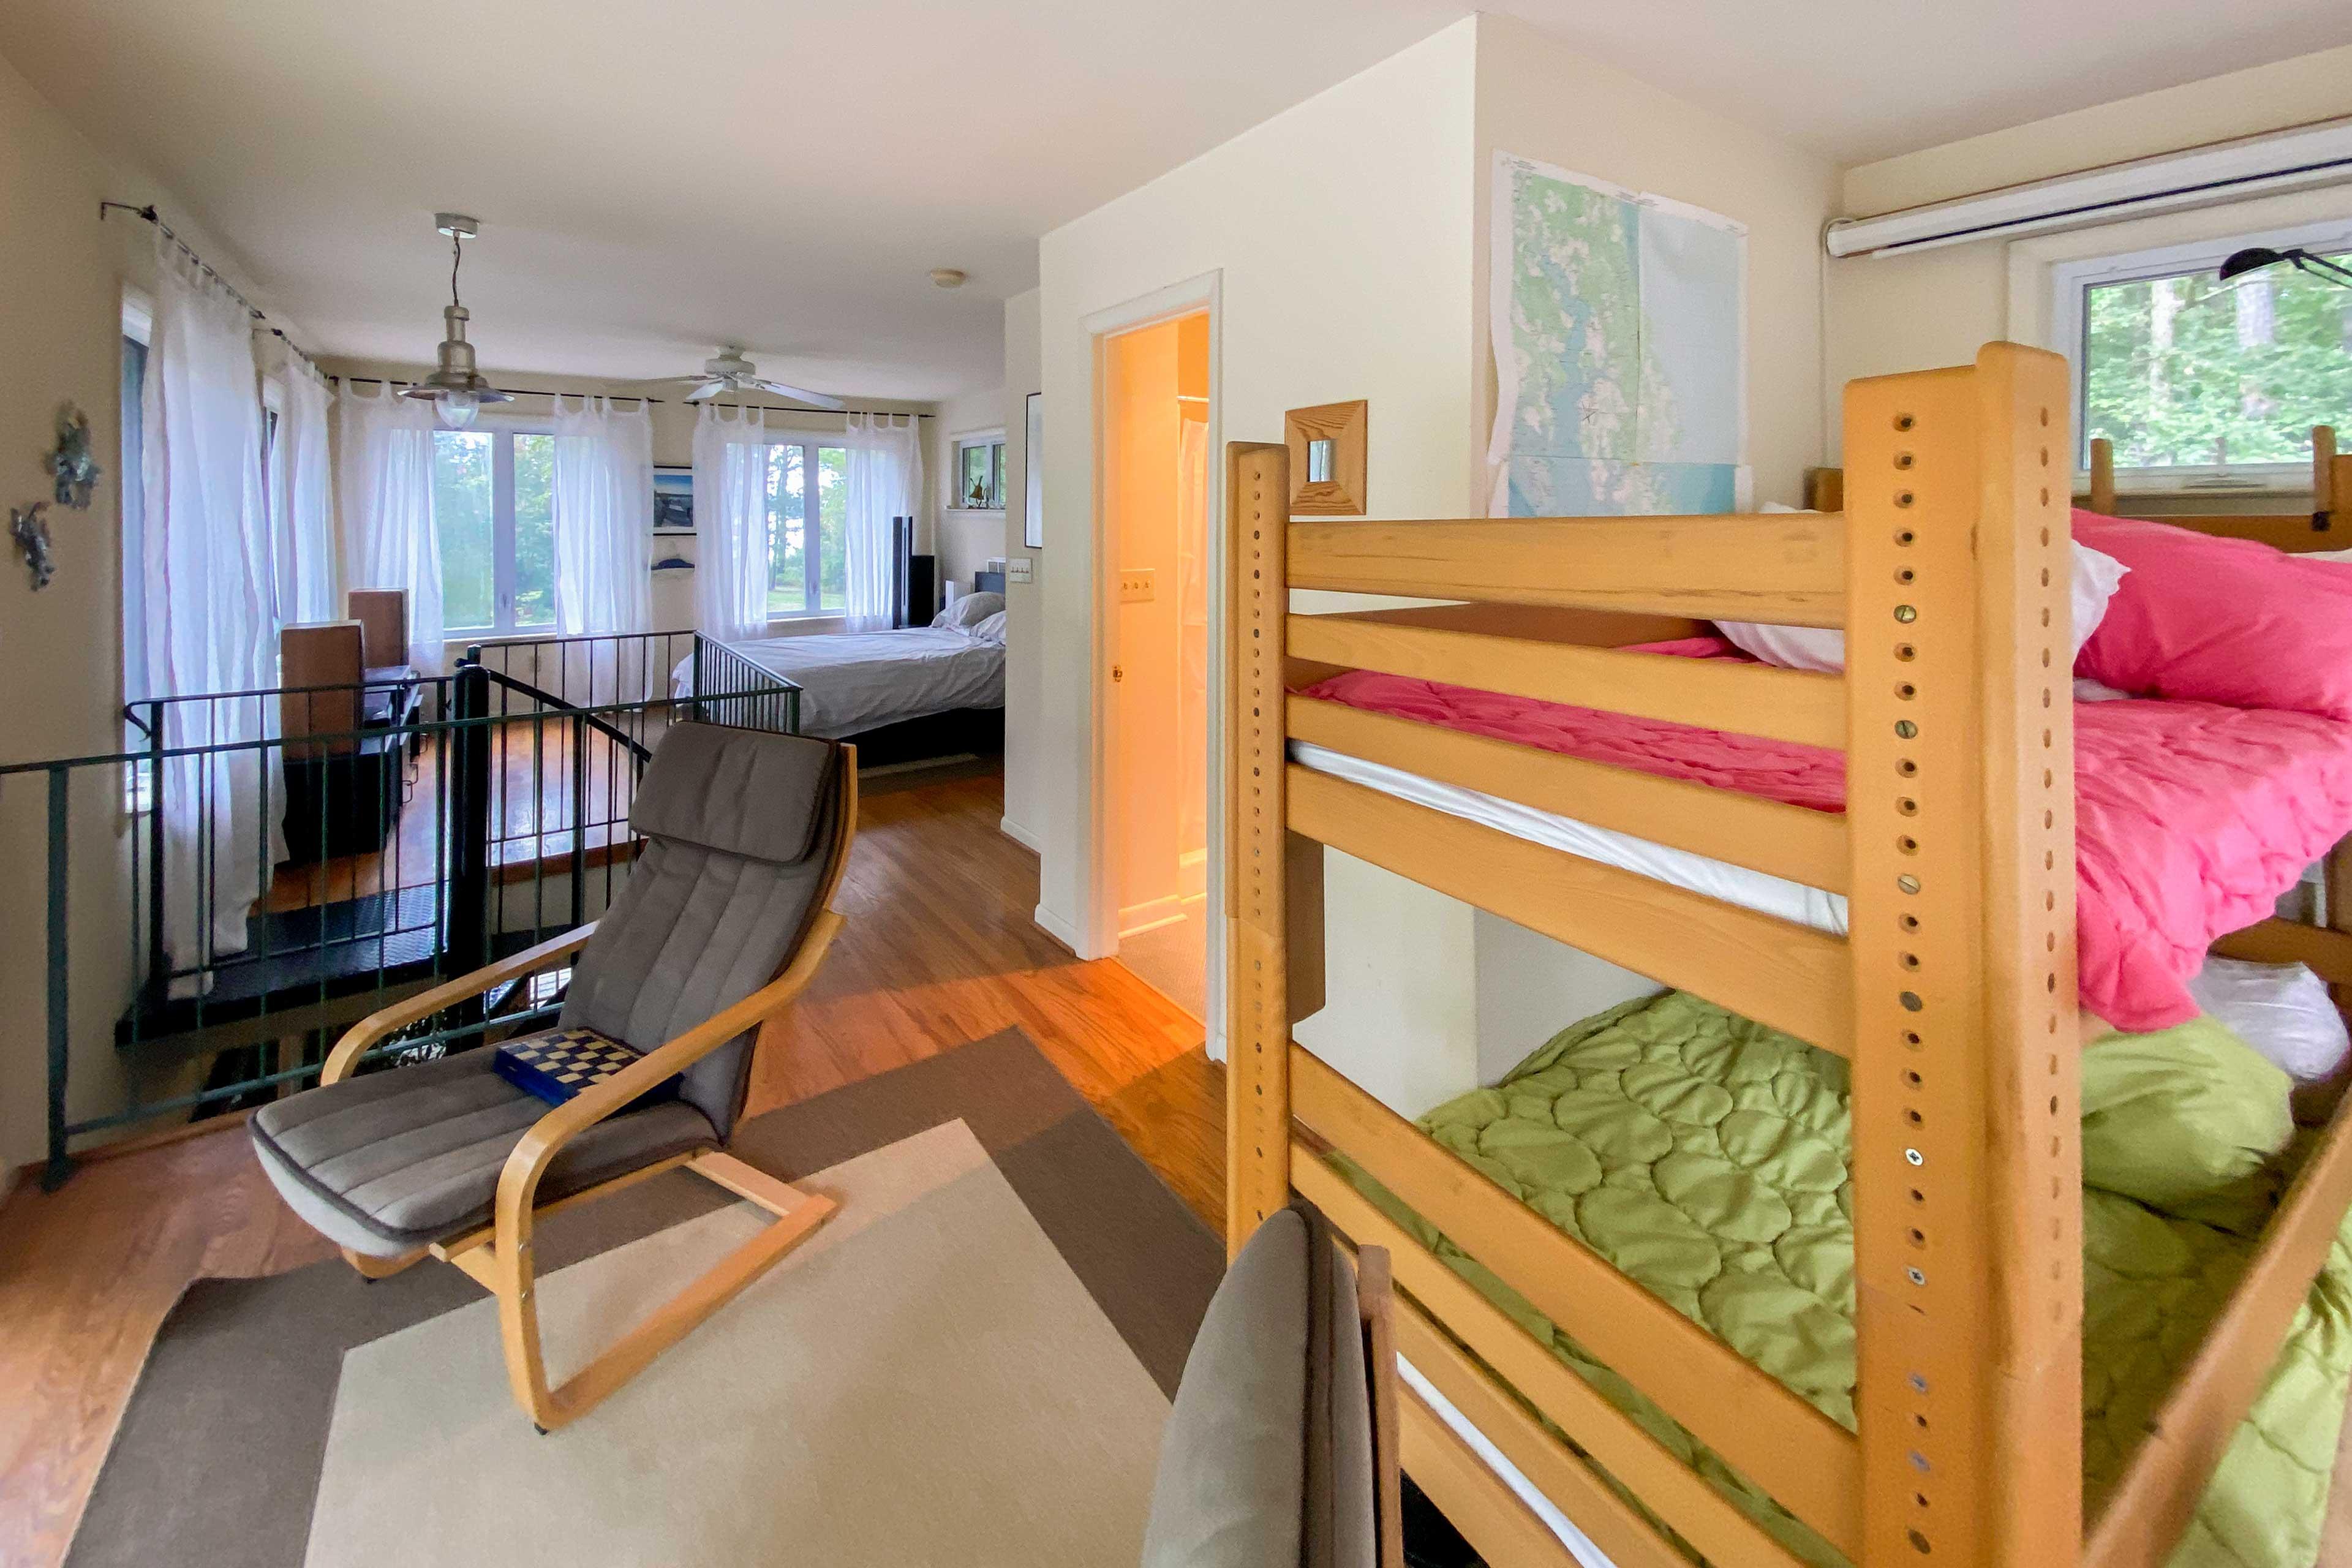 Loft | Twin Bunk Beds | Kid Friendly